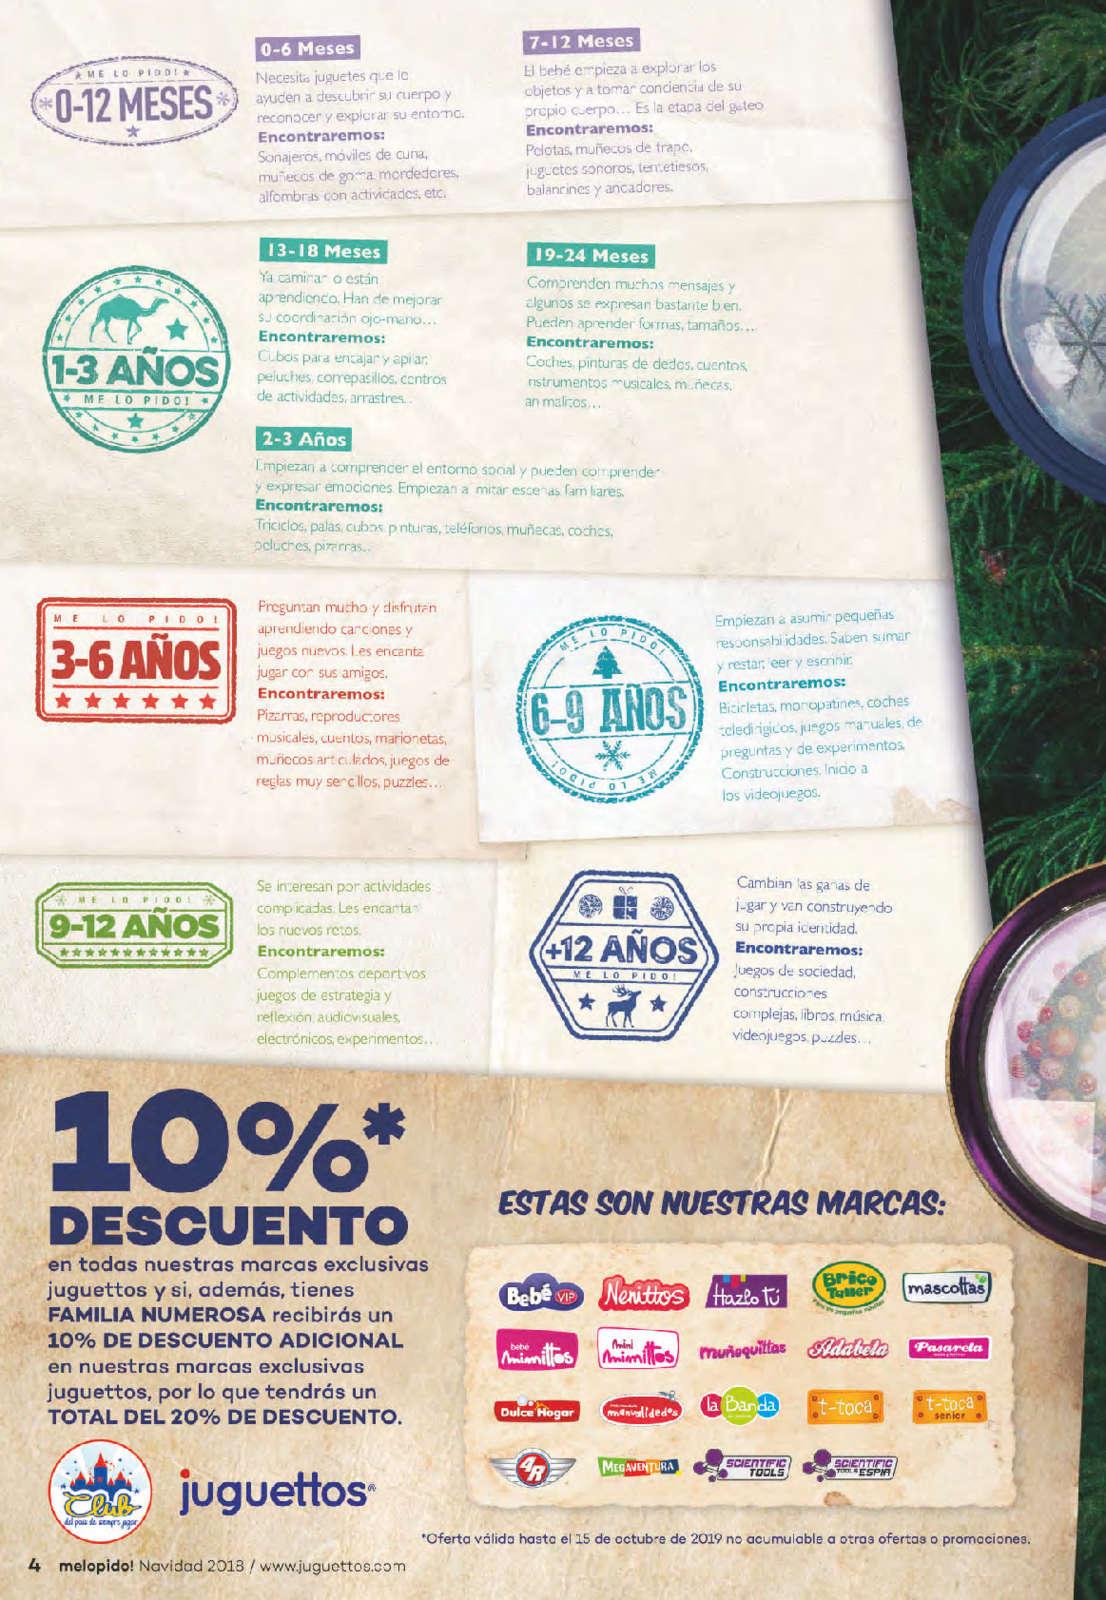 Comprar Ofertia Barato Juguetes Bilbao Interactivos En 76bYmIfvgy